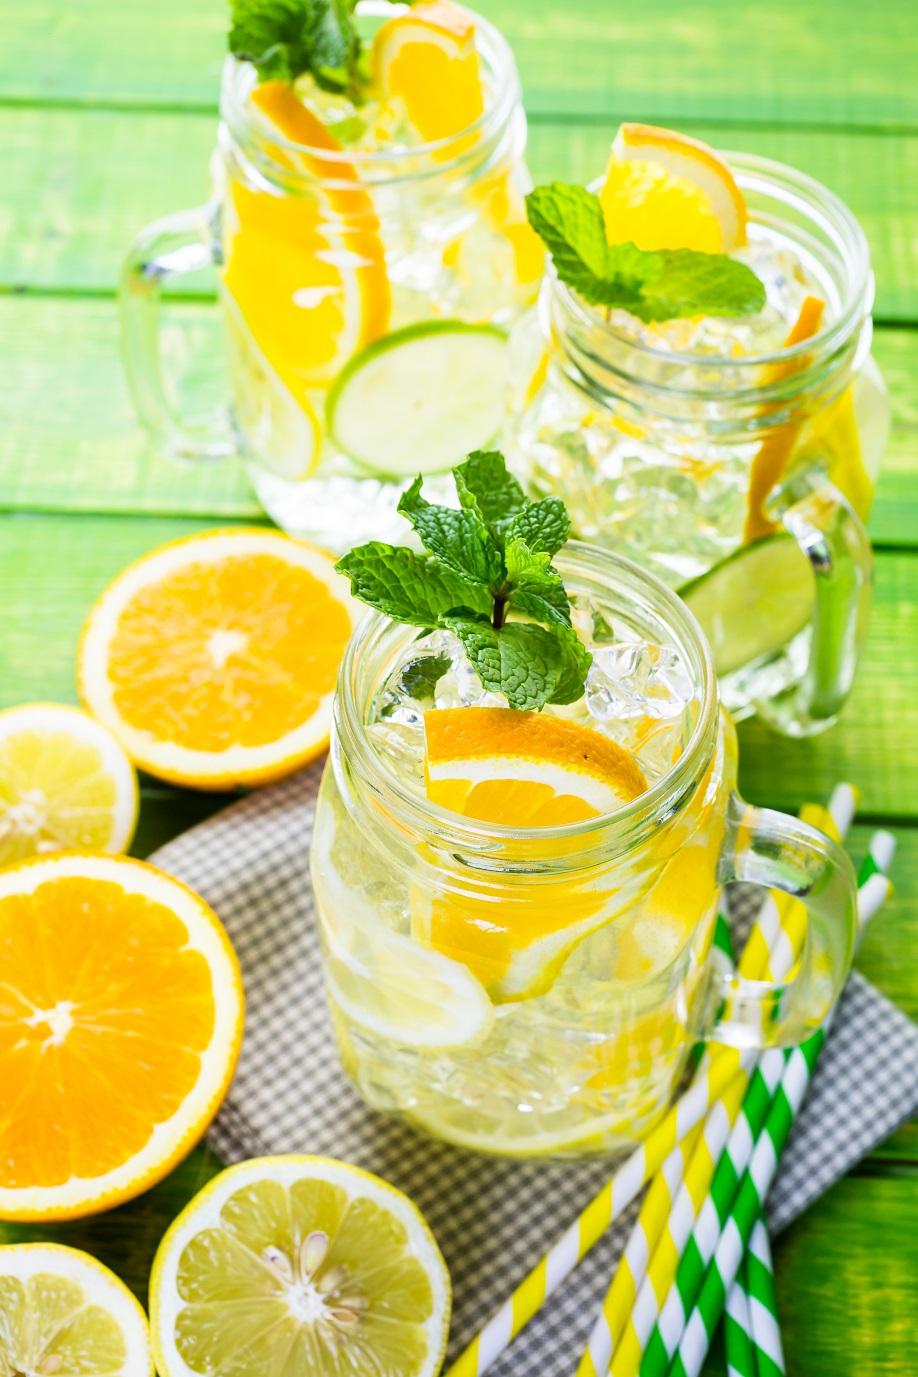 Westwing-eaux-aromatisées-orange-citron